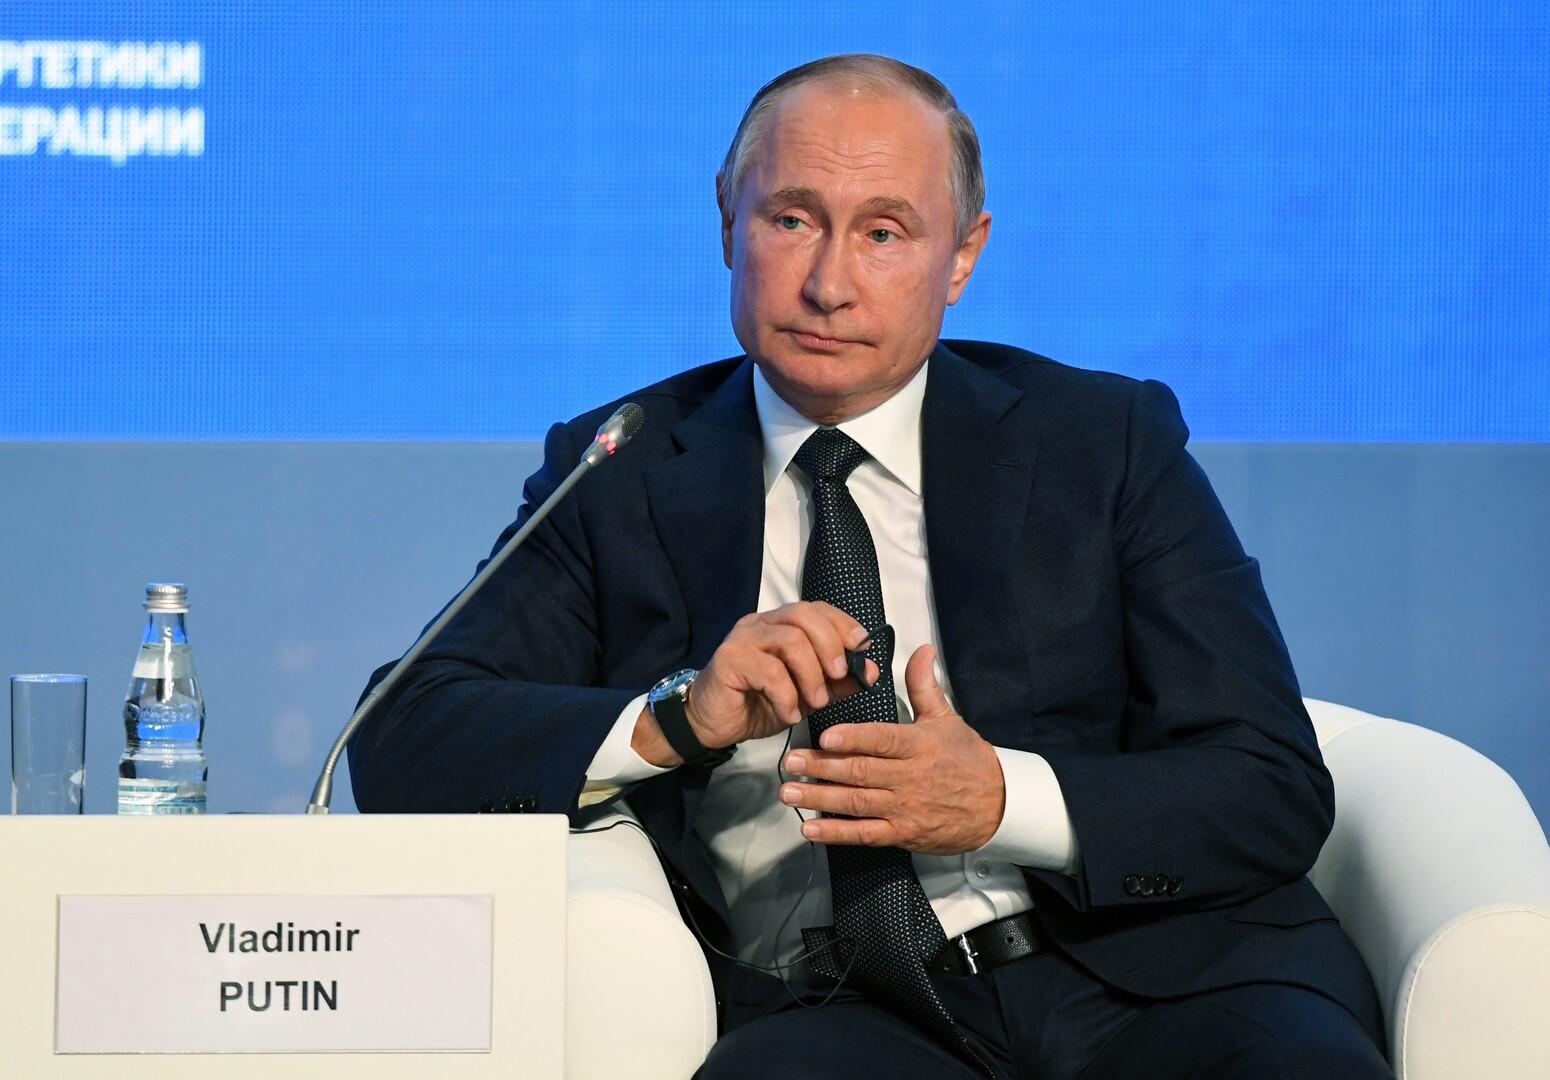 الرئيس الروسي فلاديمير بوتين في منتدى أسبوع الطاقة الروسي